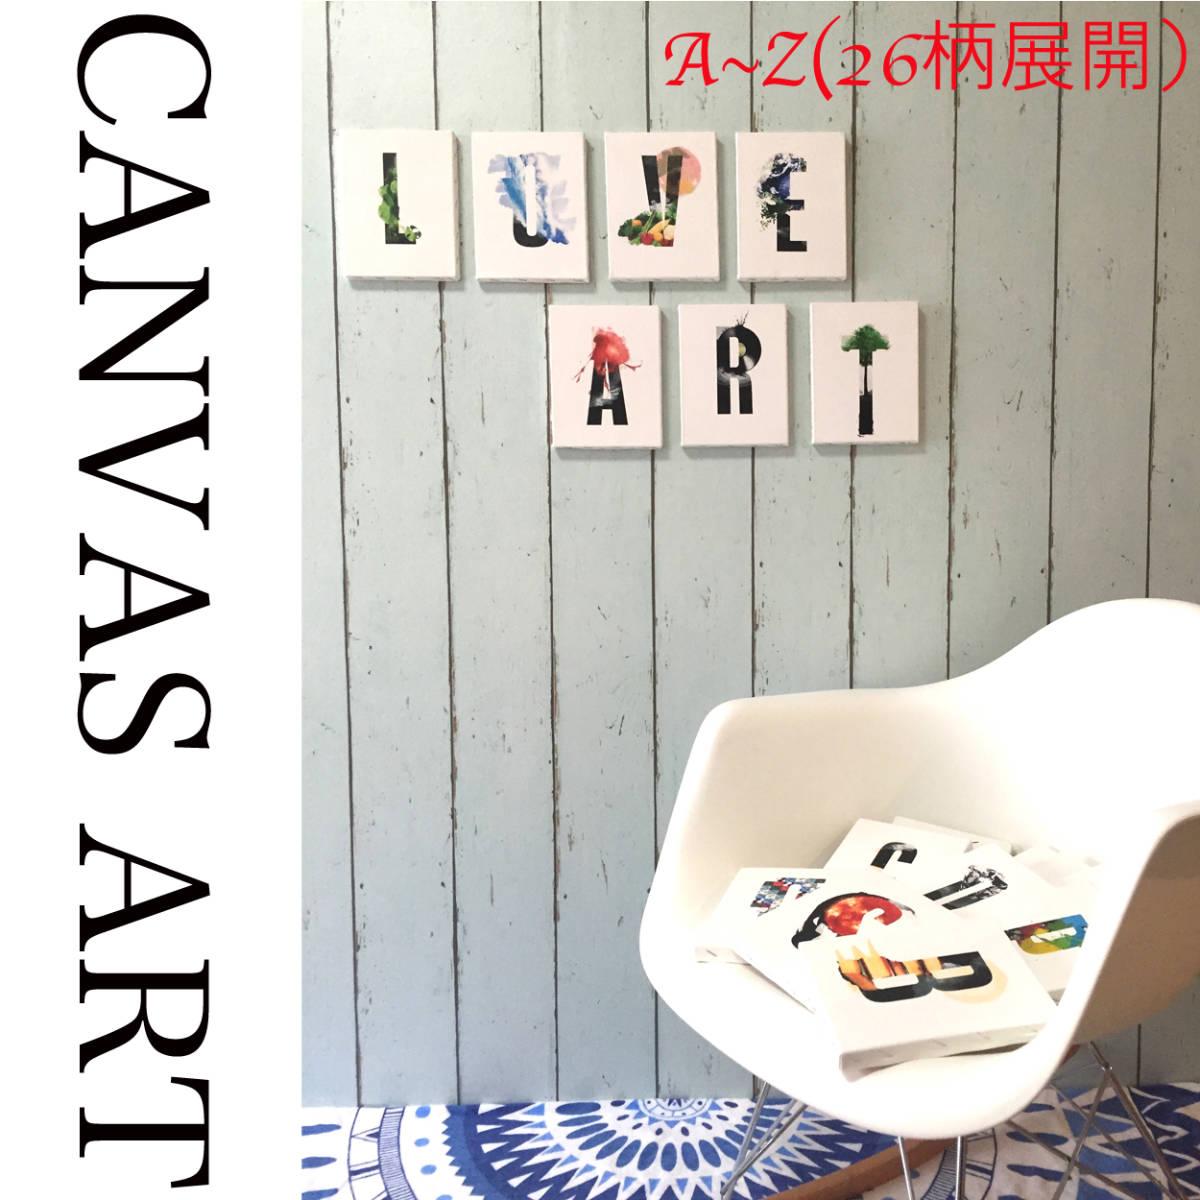 【新品】 Key キャンバスアート ファブリックパネル アルファベット アート 壁掛け 11/16